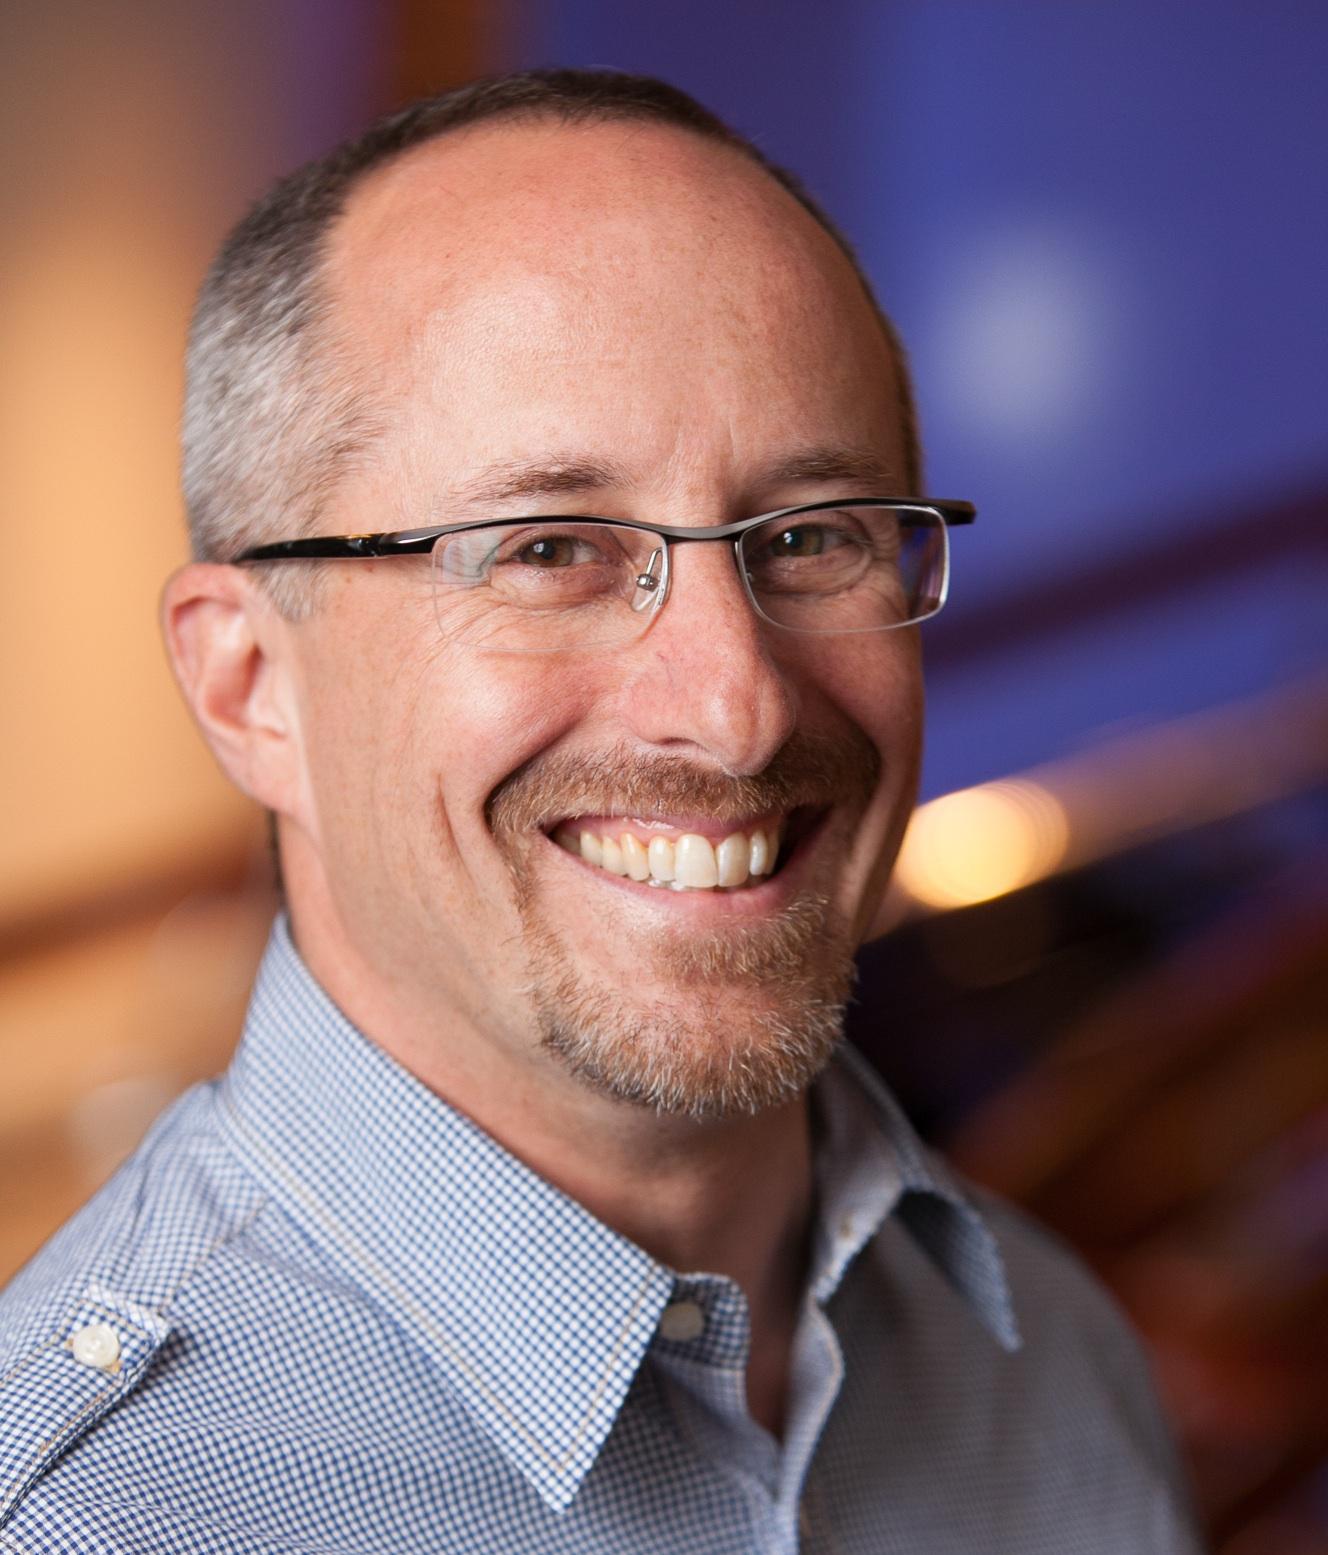 Gary Lipkowitz